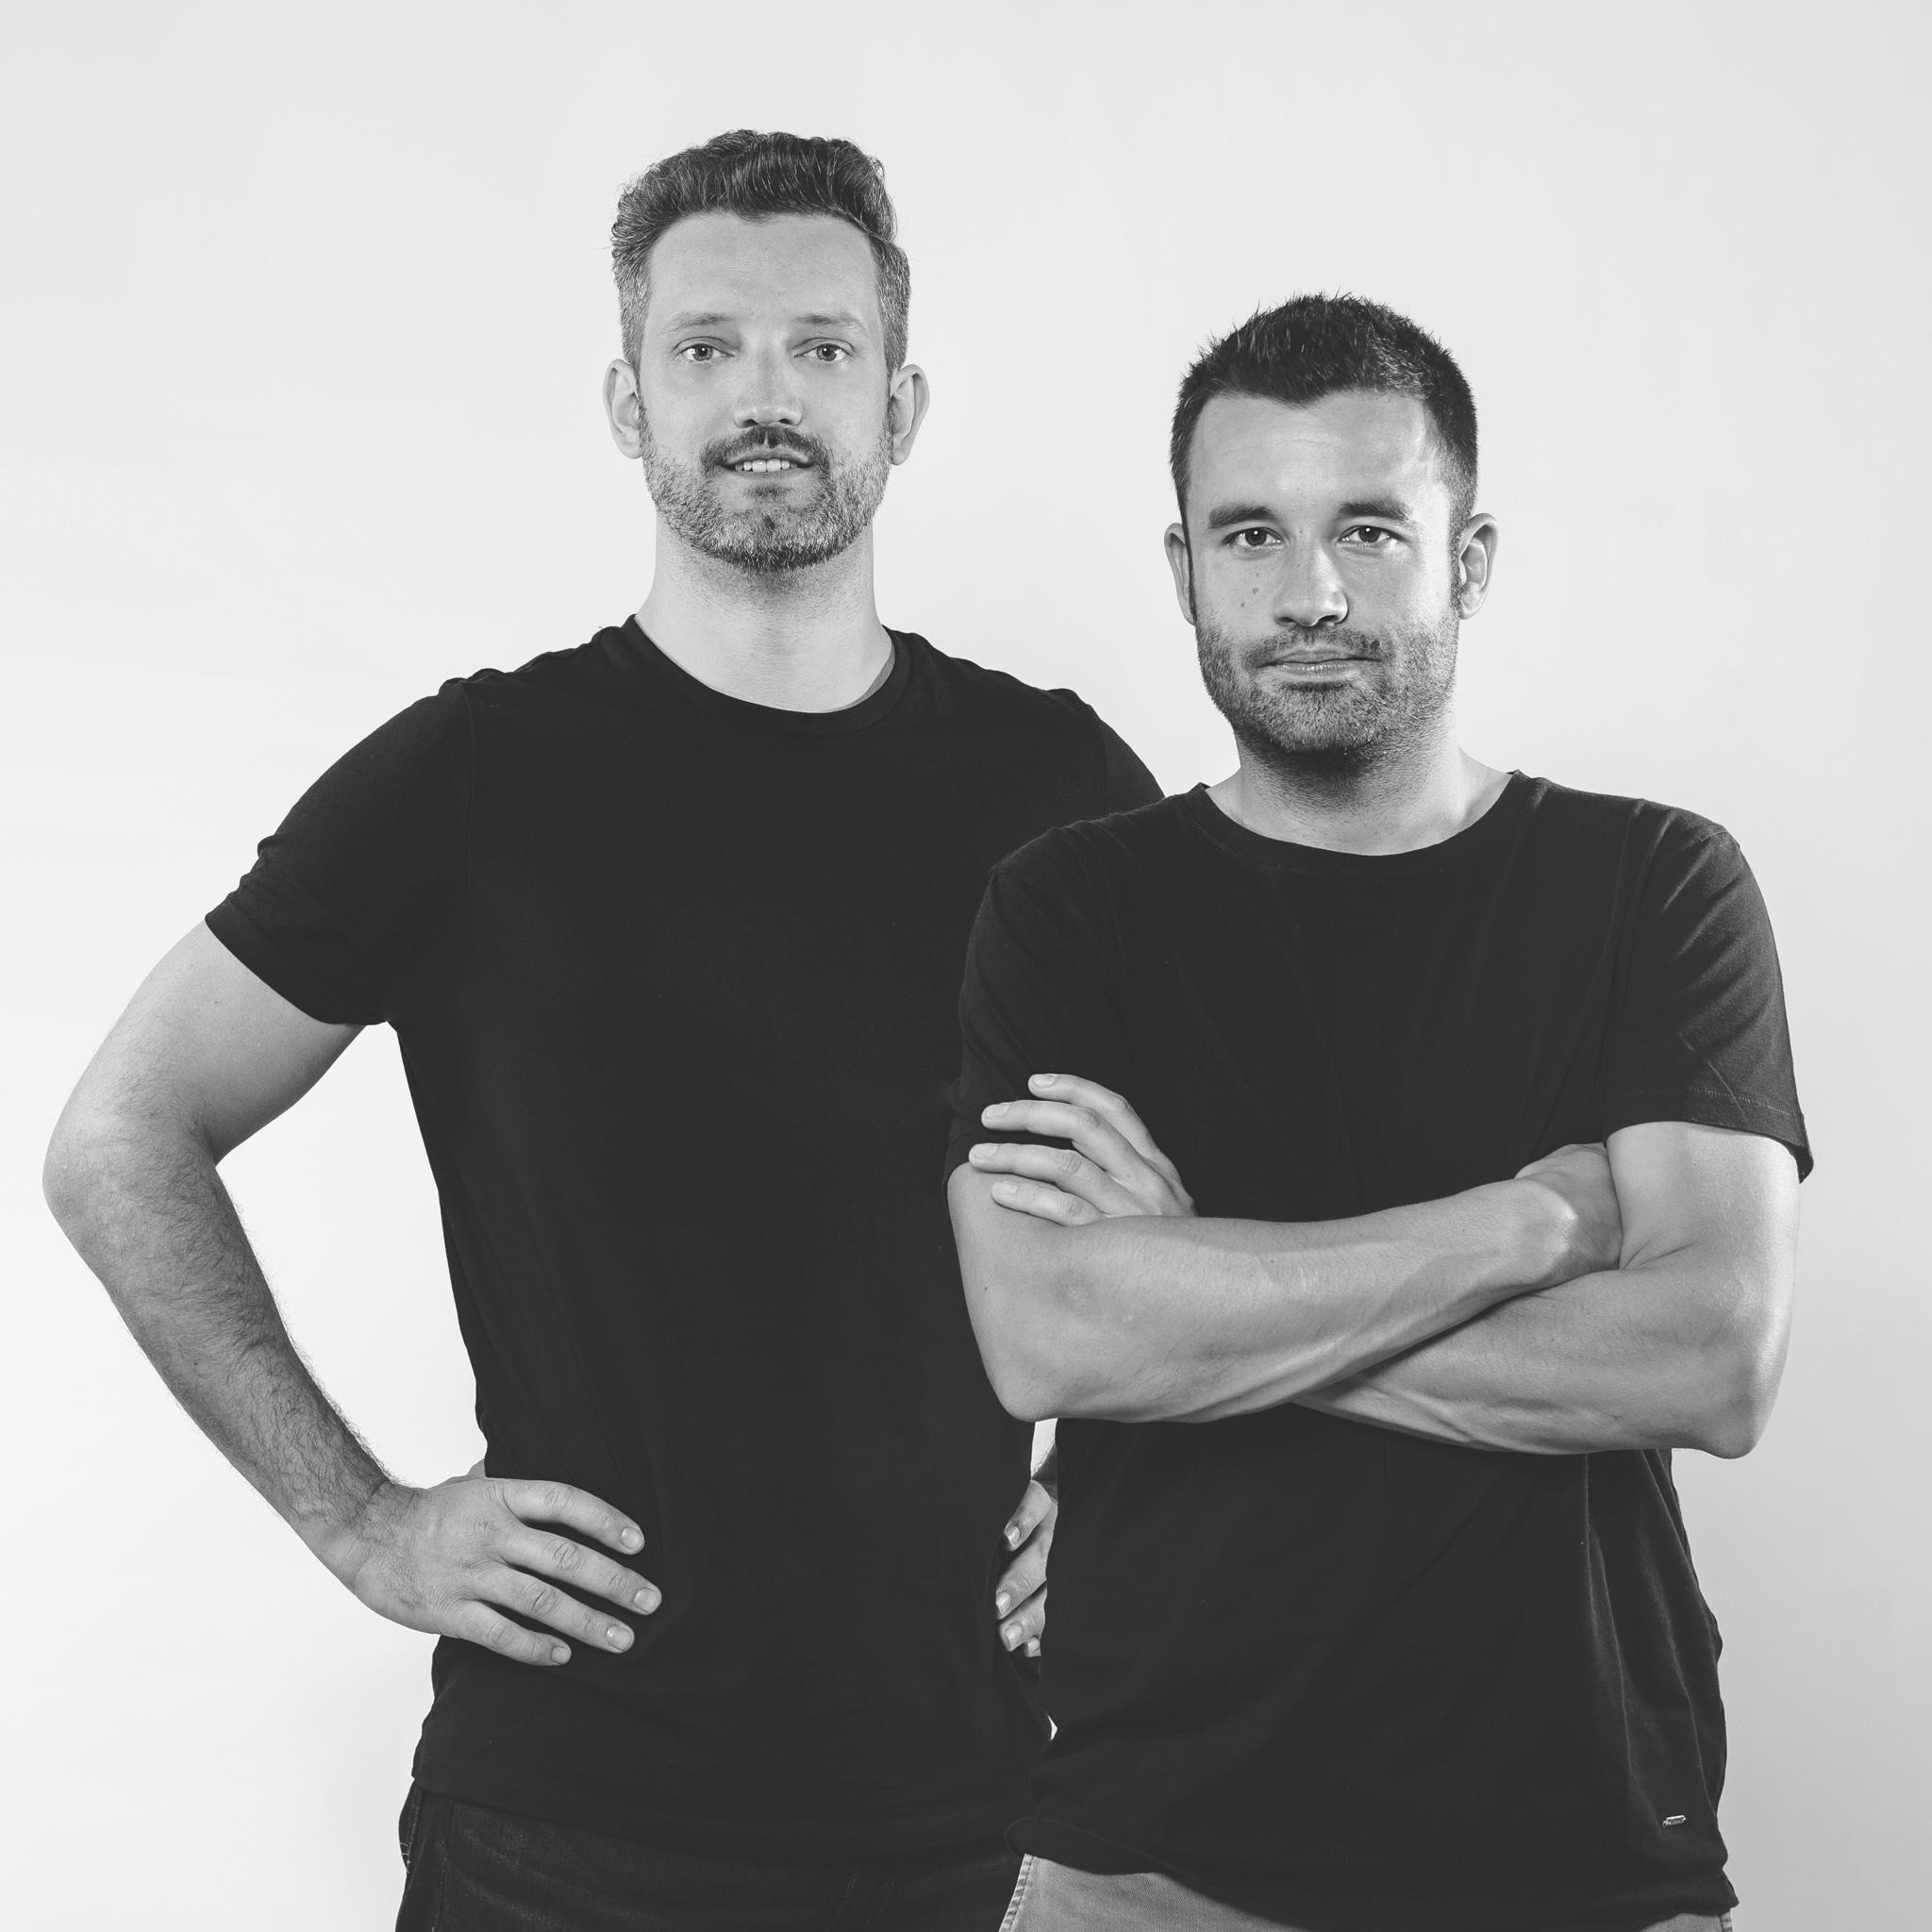 Beyto Geschäftsführung_Claudius Herz und Maik Metzen